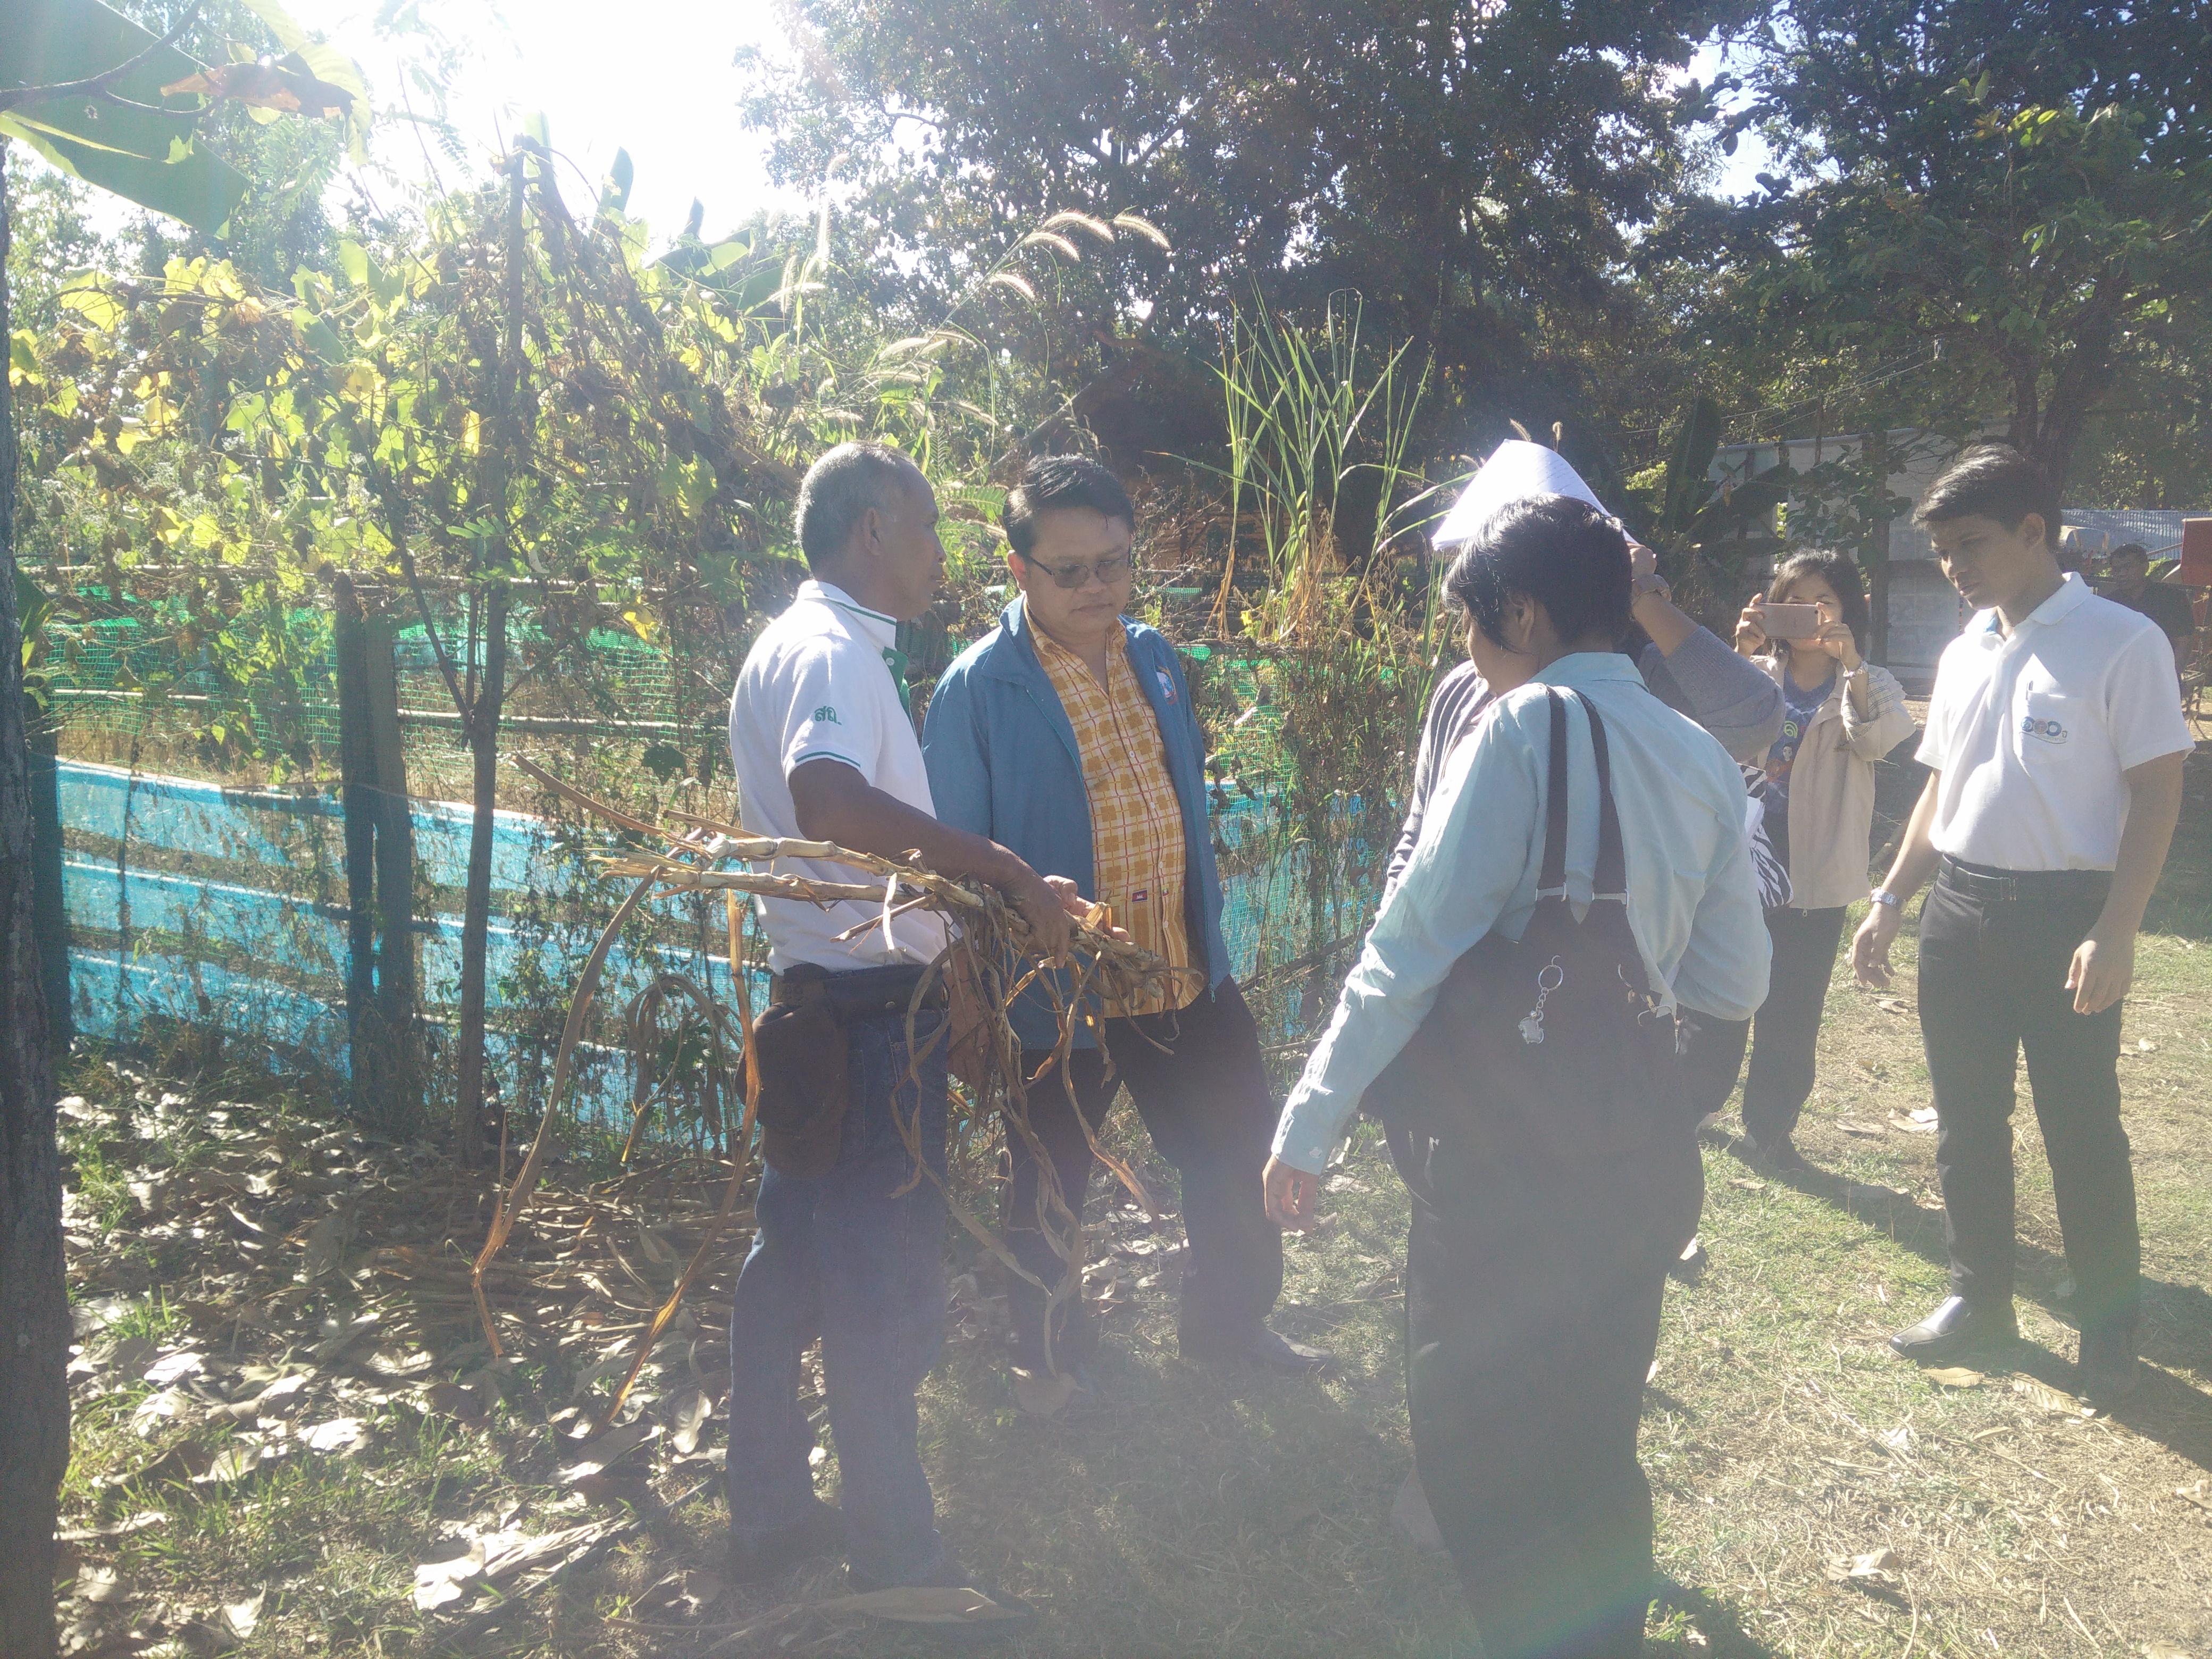 ตรวจติดตามโครงการเพิ่มพูนประสิทธิภาพการผลิตโคเนื้อคุณภาพสู่อาเซียน